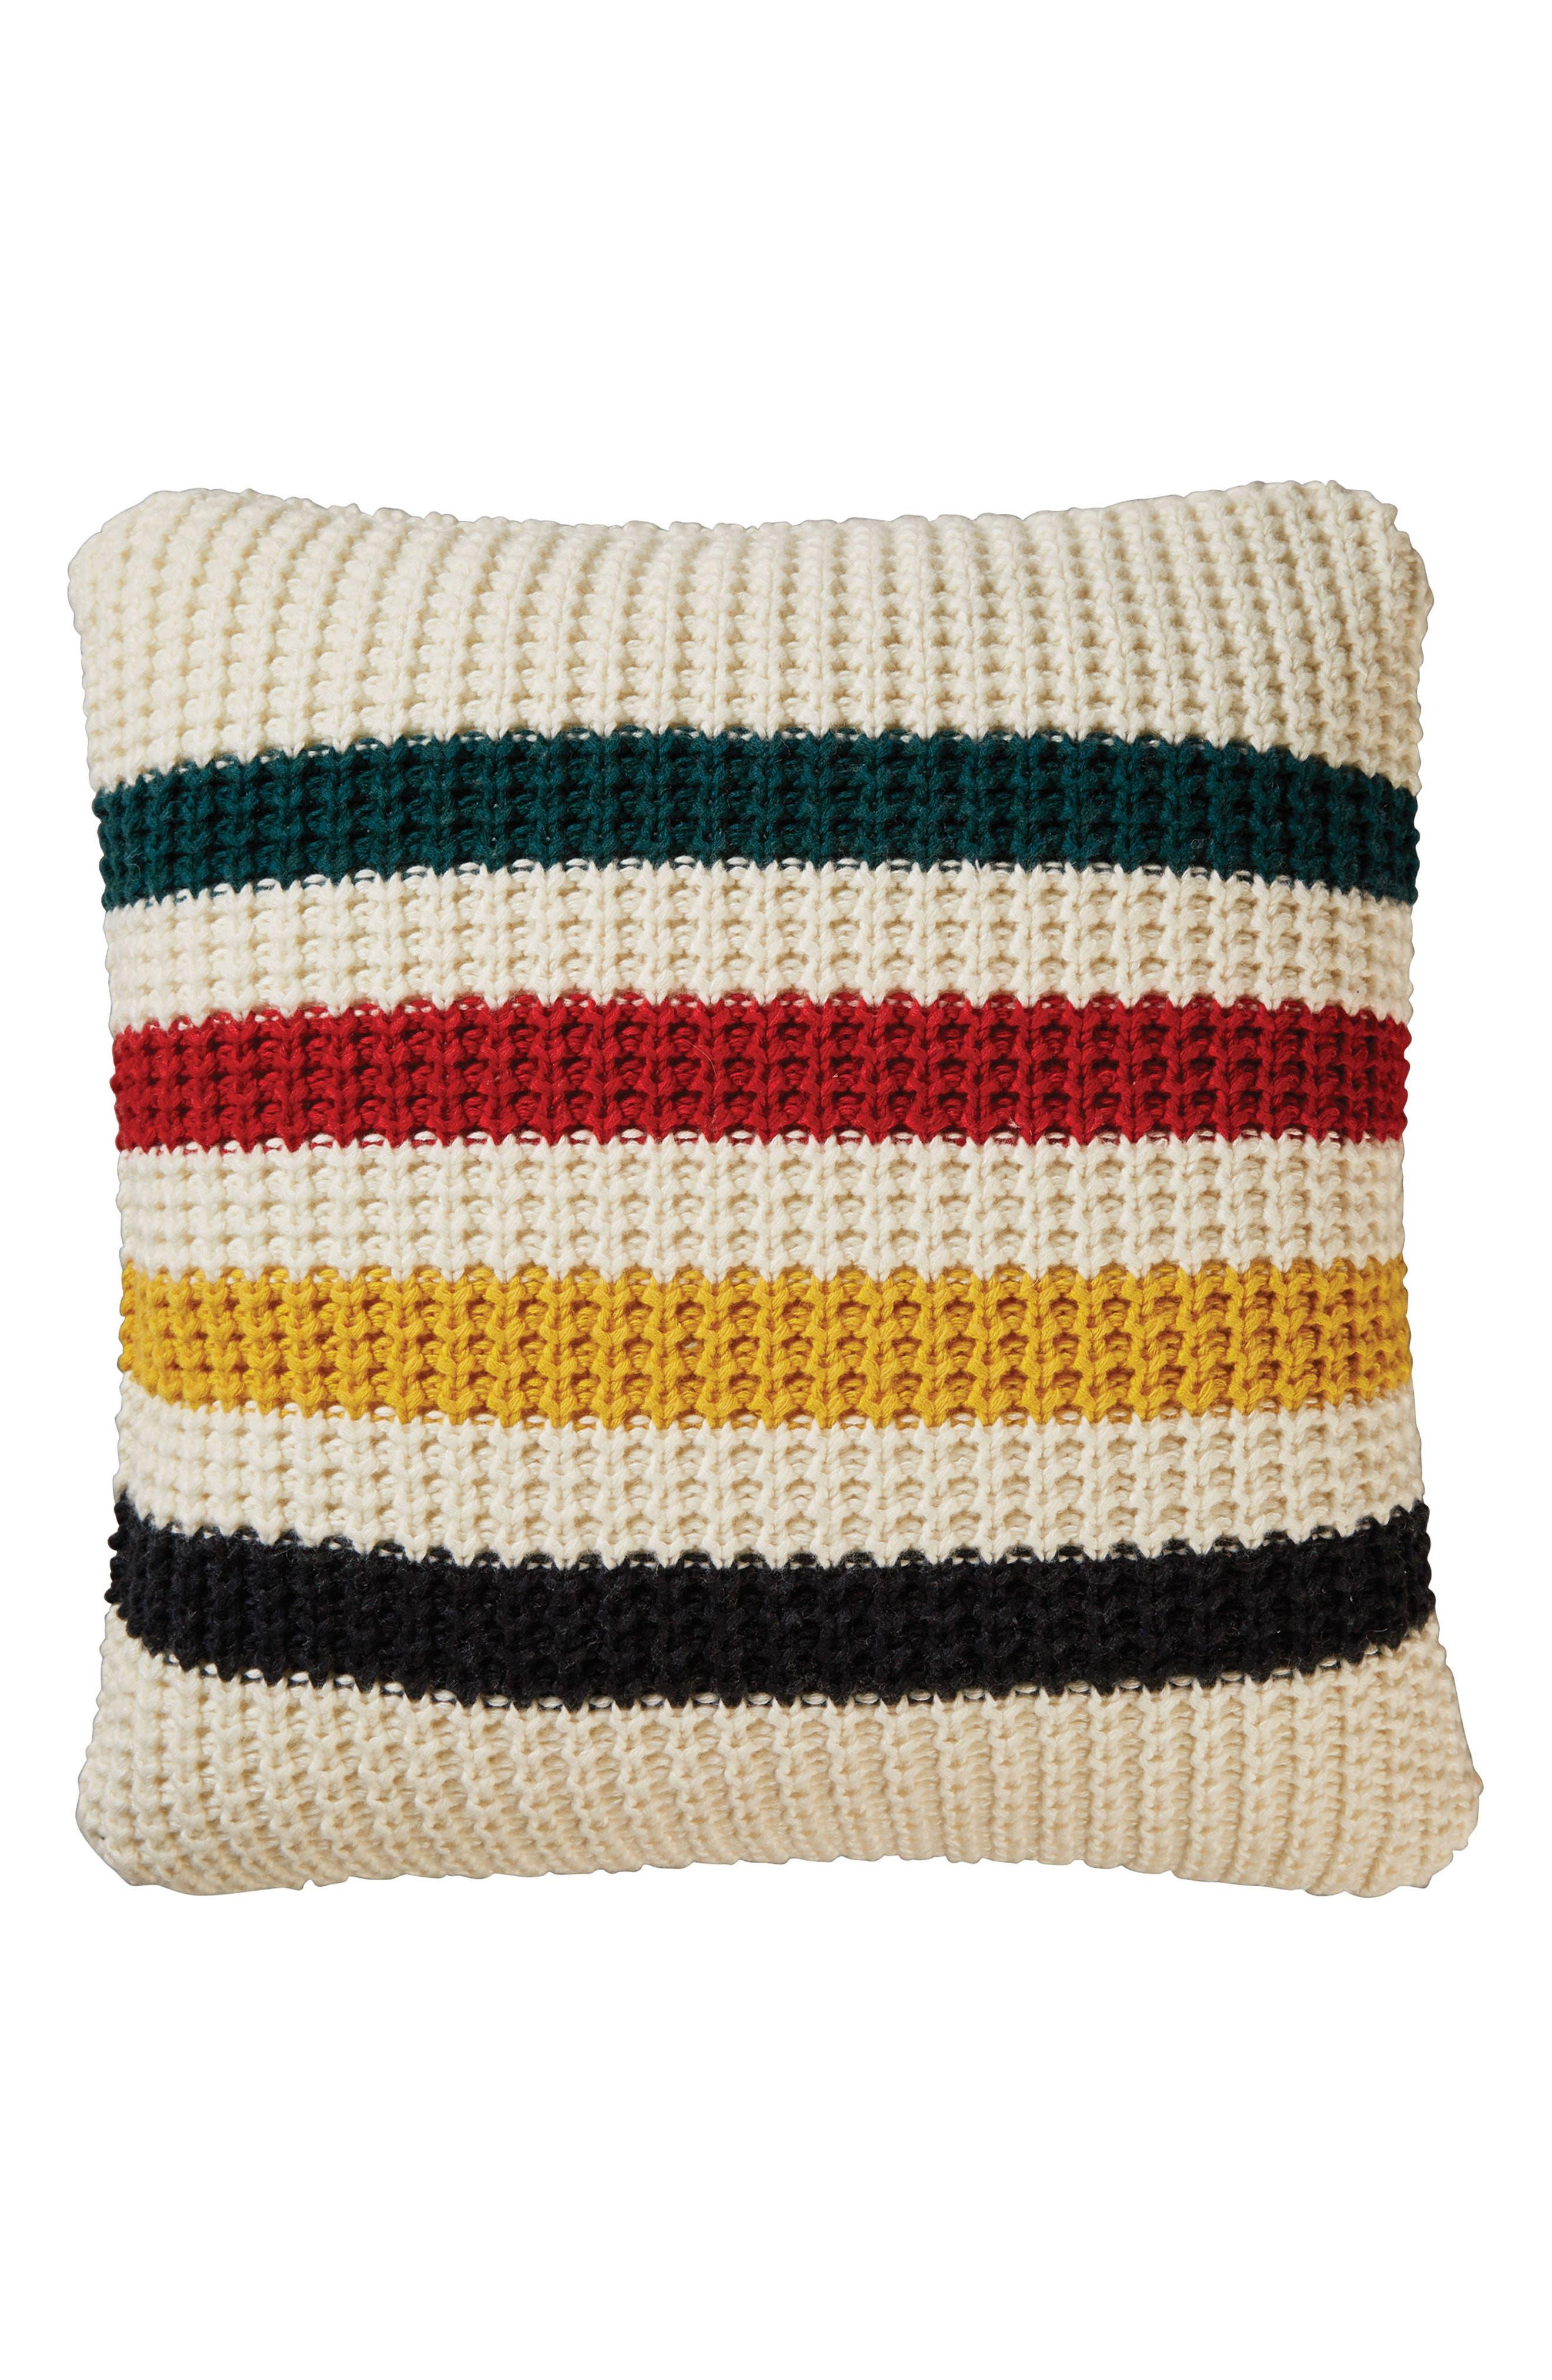 Main Image - Pendleton Glacier Park Knit Pillow